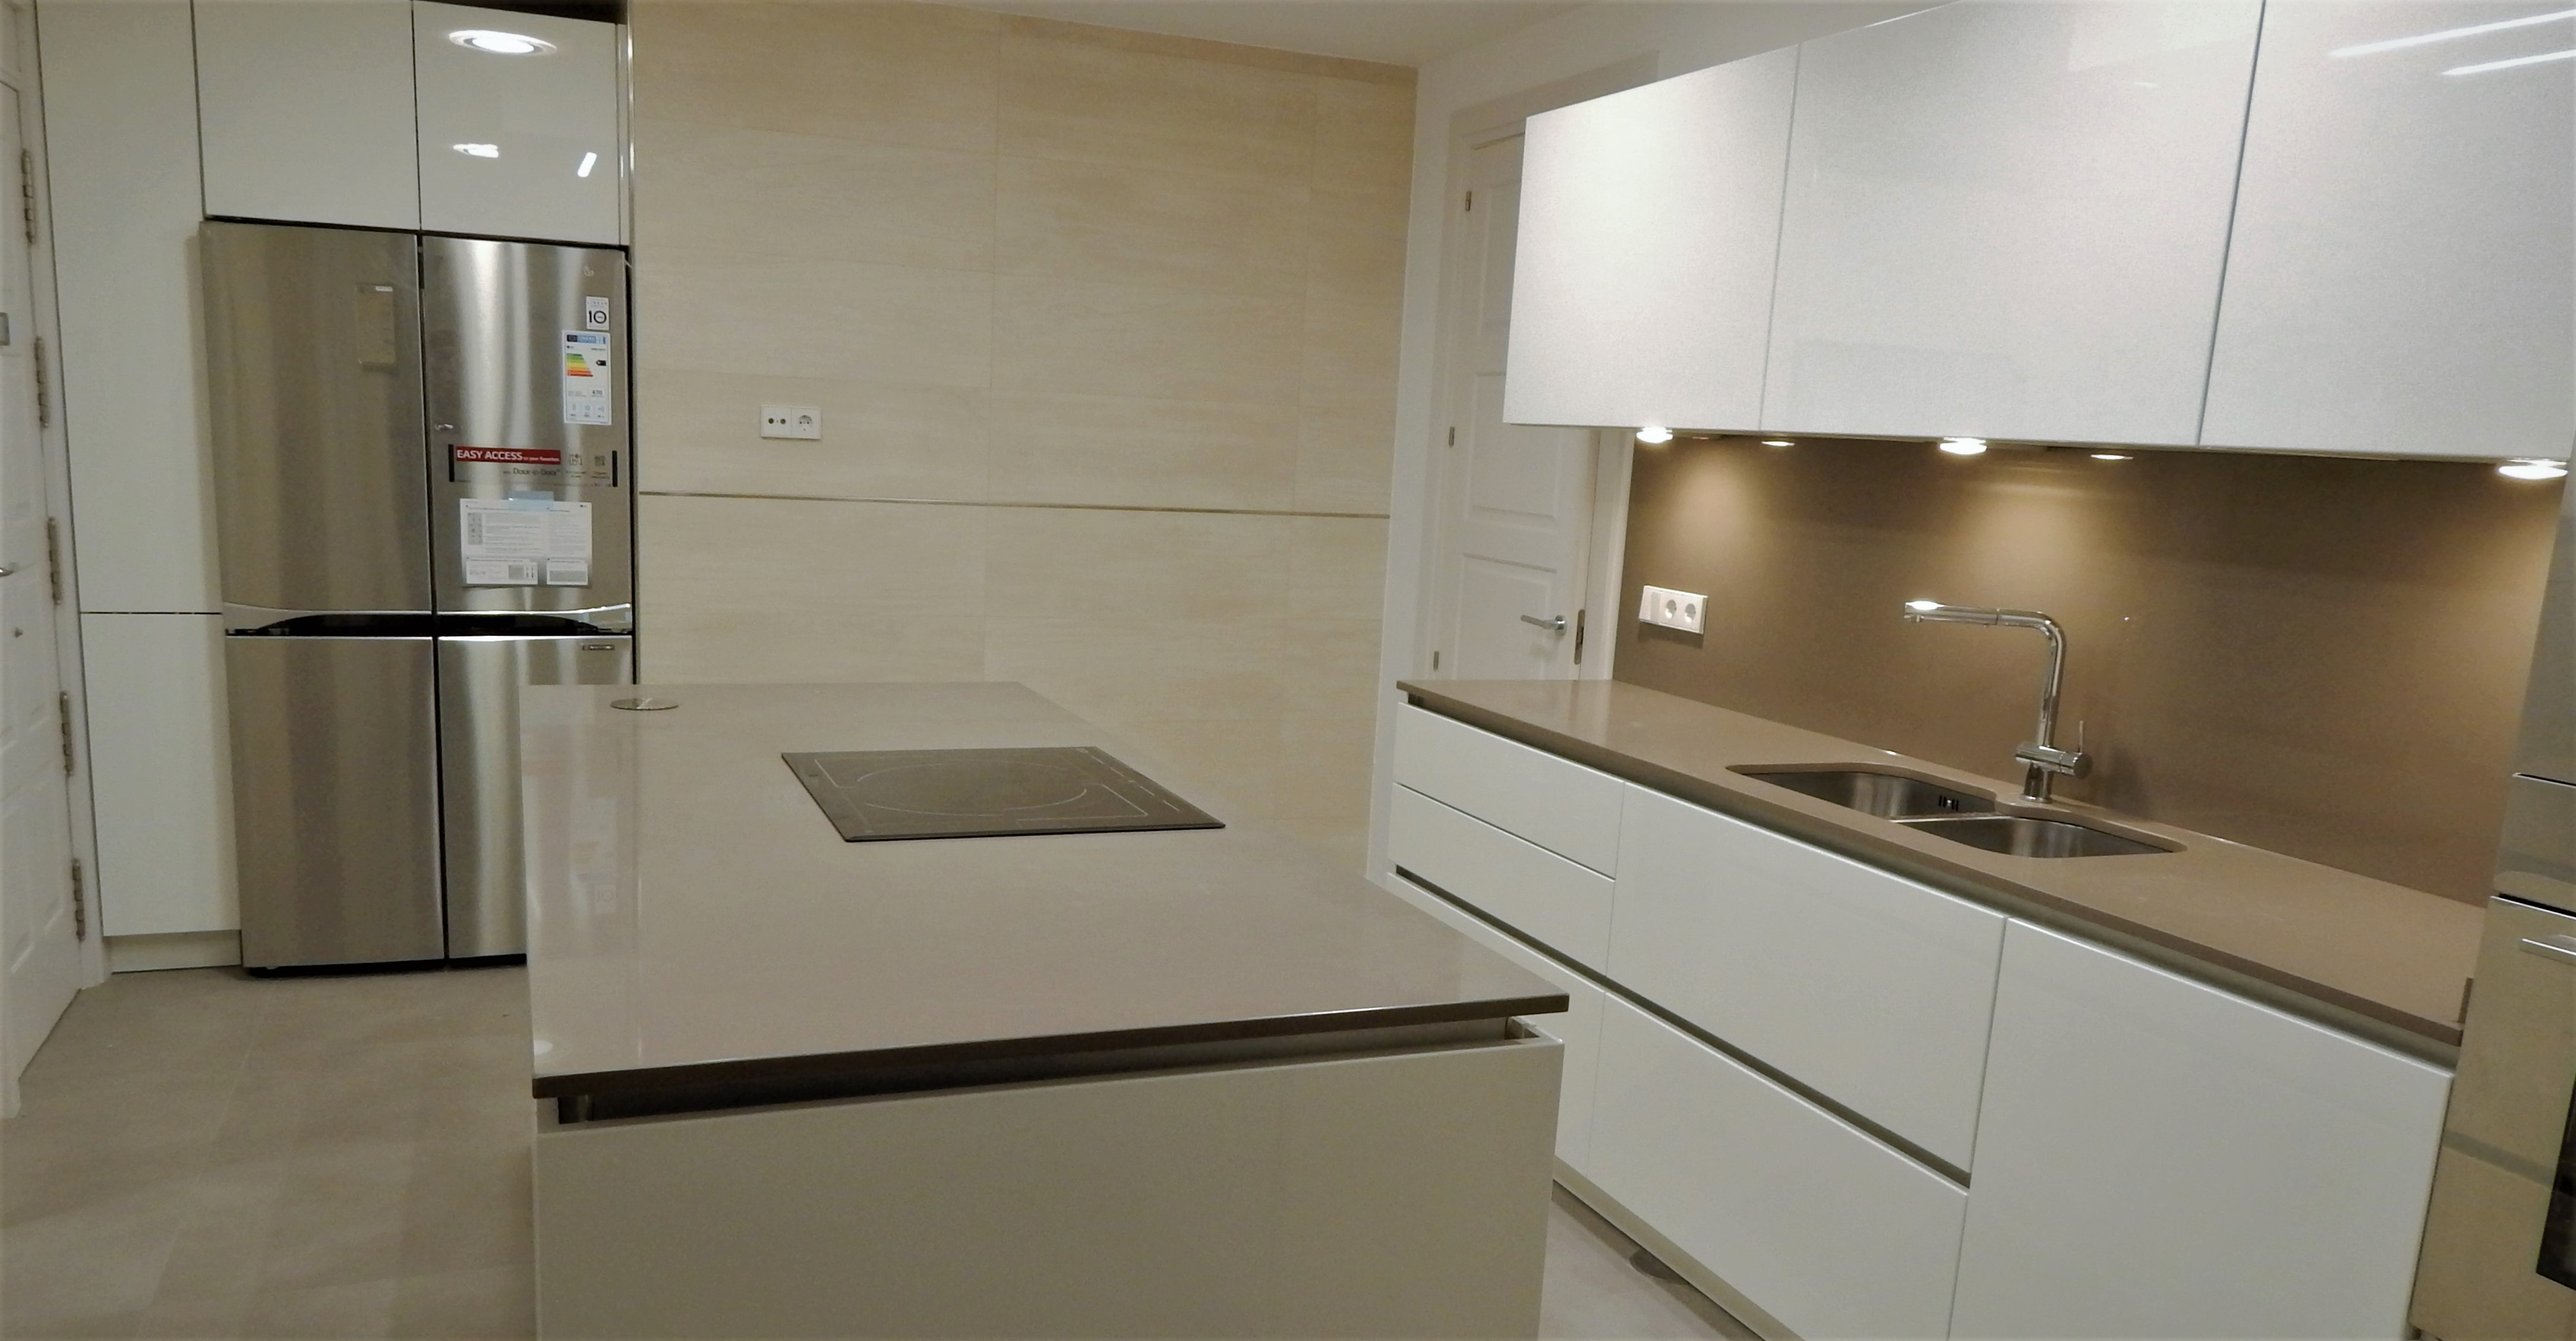 Muebles de cocina en laca mate de tacto sedoso modelo avus - Muebles cocina blanco ...